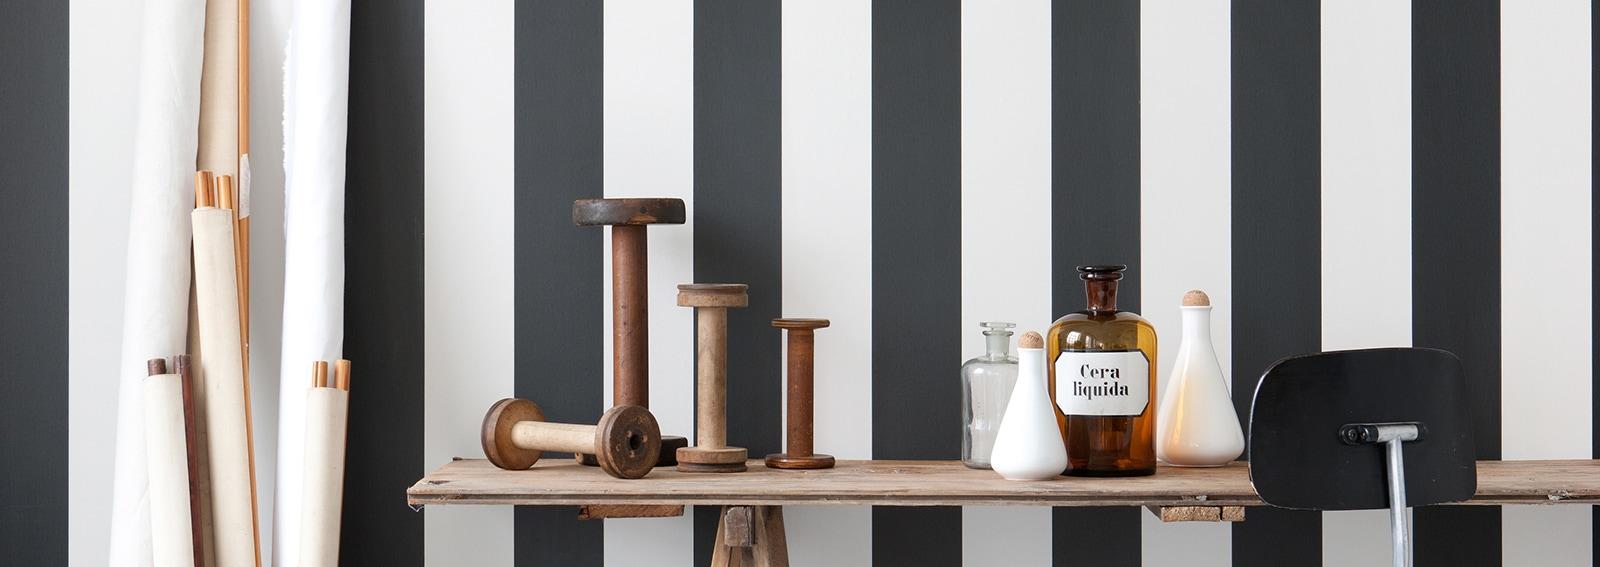 Parete carta da zucchero interesting finest affordable for Carta da parete per cucina